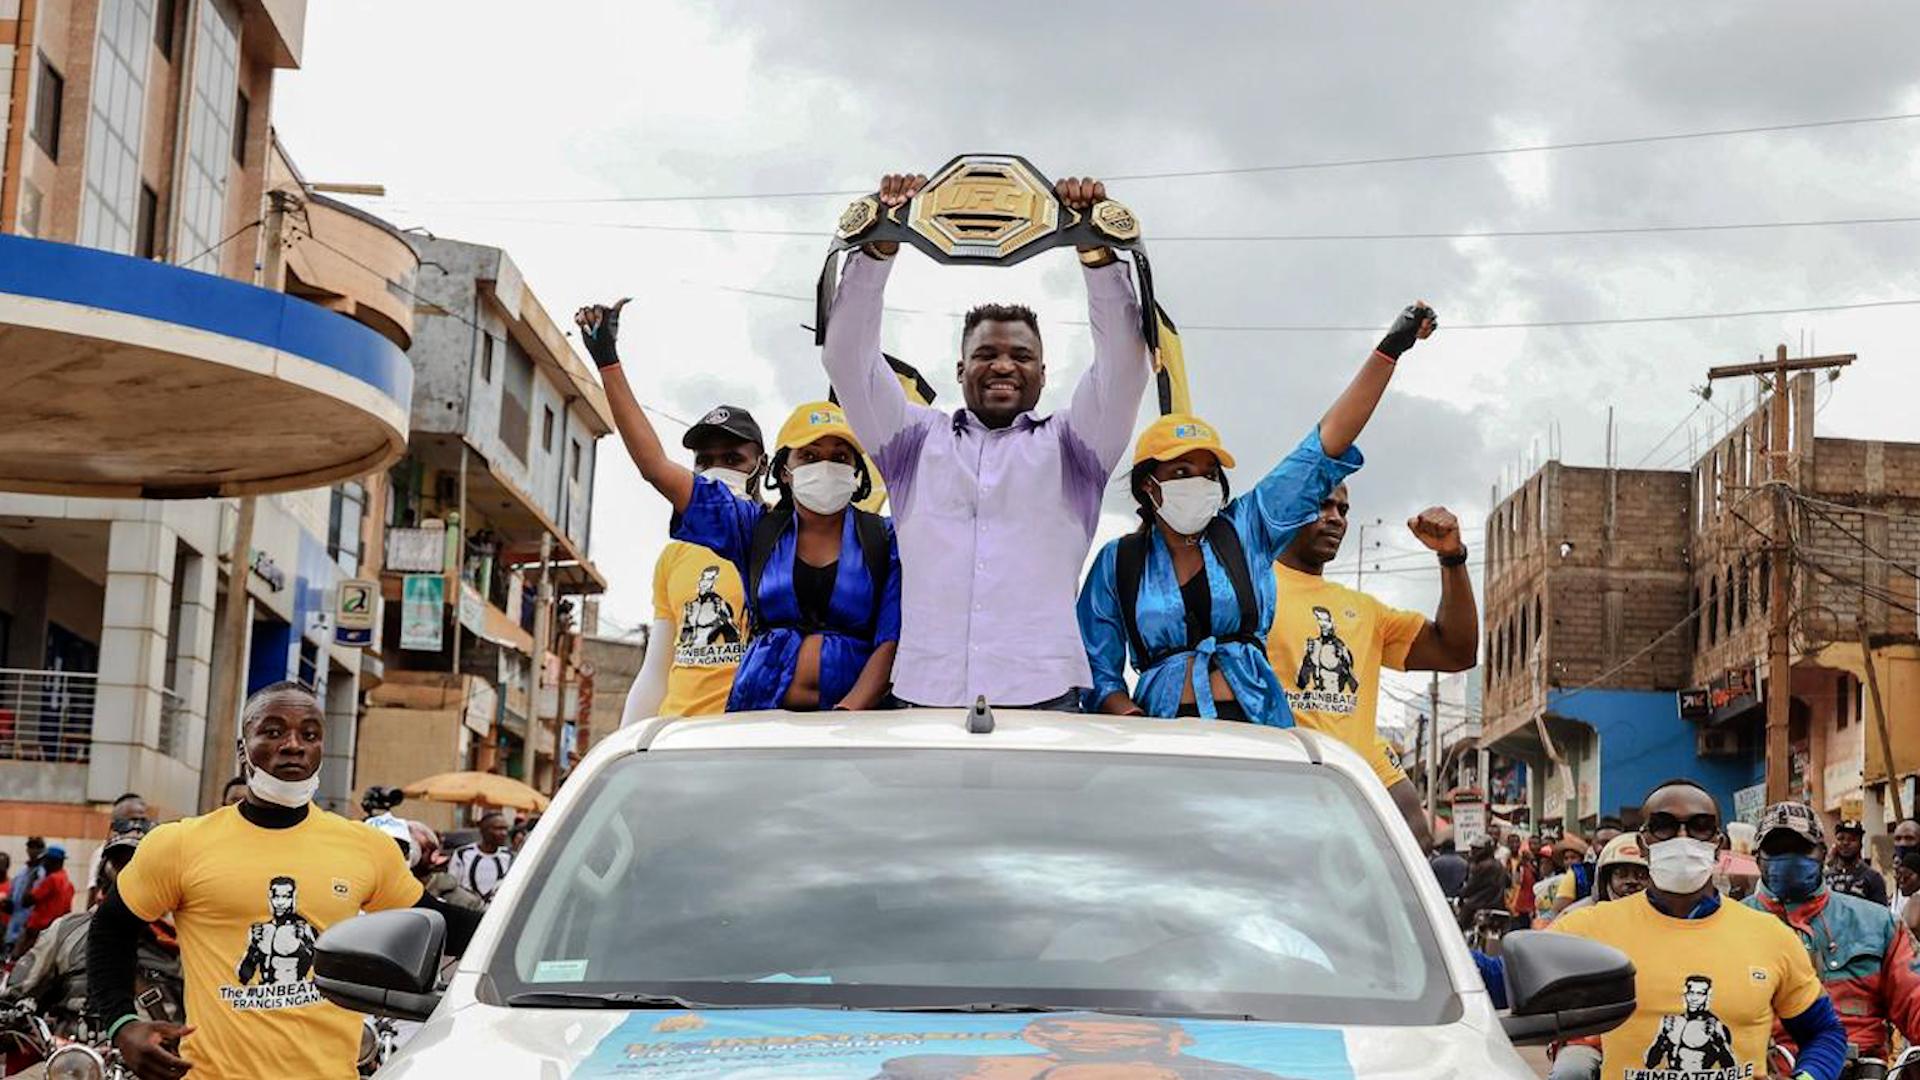 VIDÉO. MMA : le retour triomphal du champion du monde Francis Ngannou au Cameroun